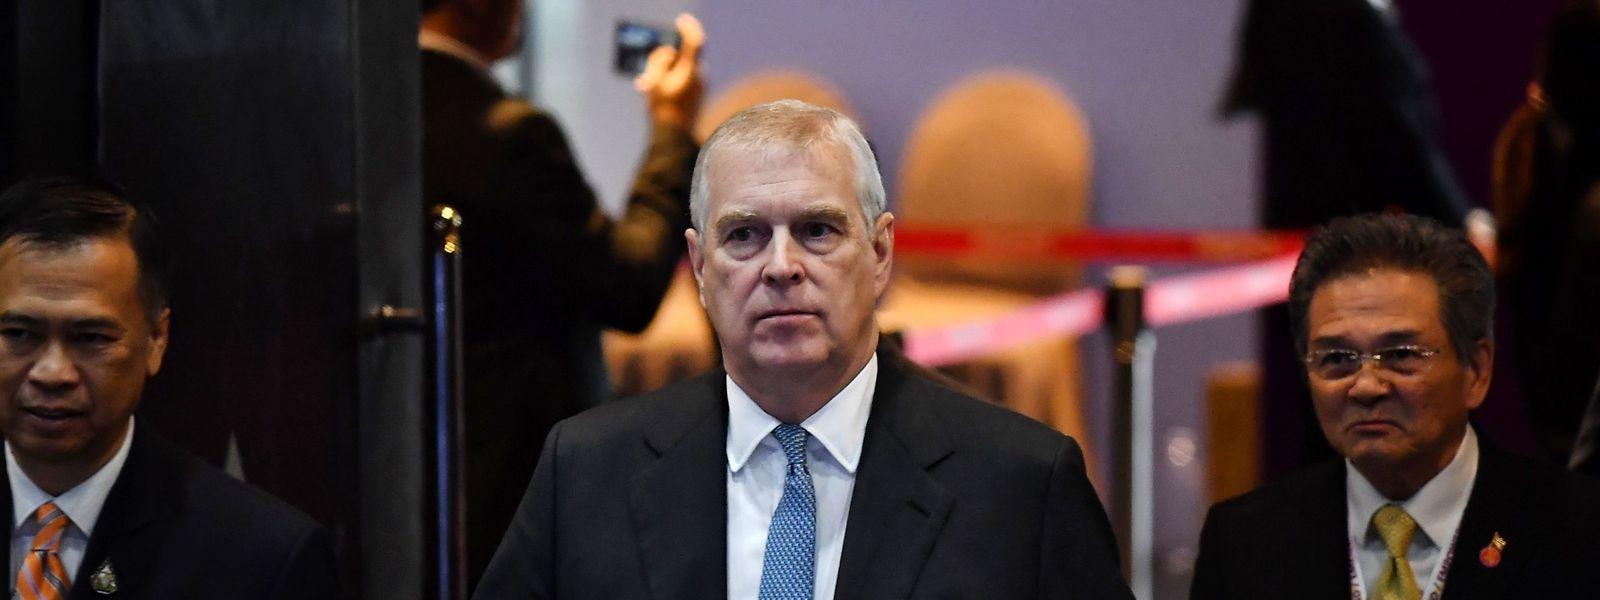 Der britische Prinz Andrew beim ASEAN Business and Investment Summit in Bangkok am 3. November.